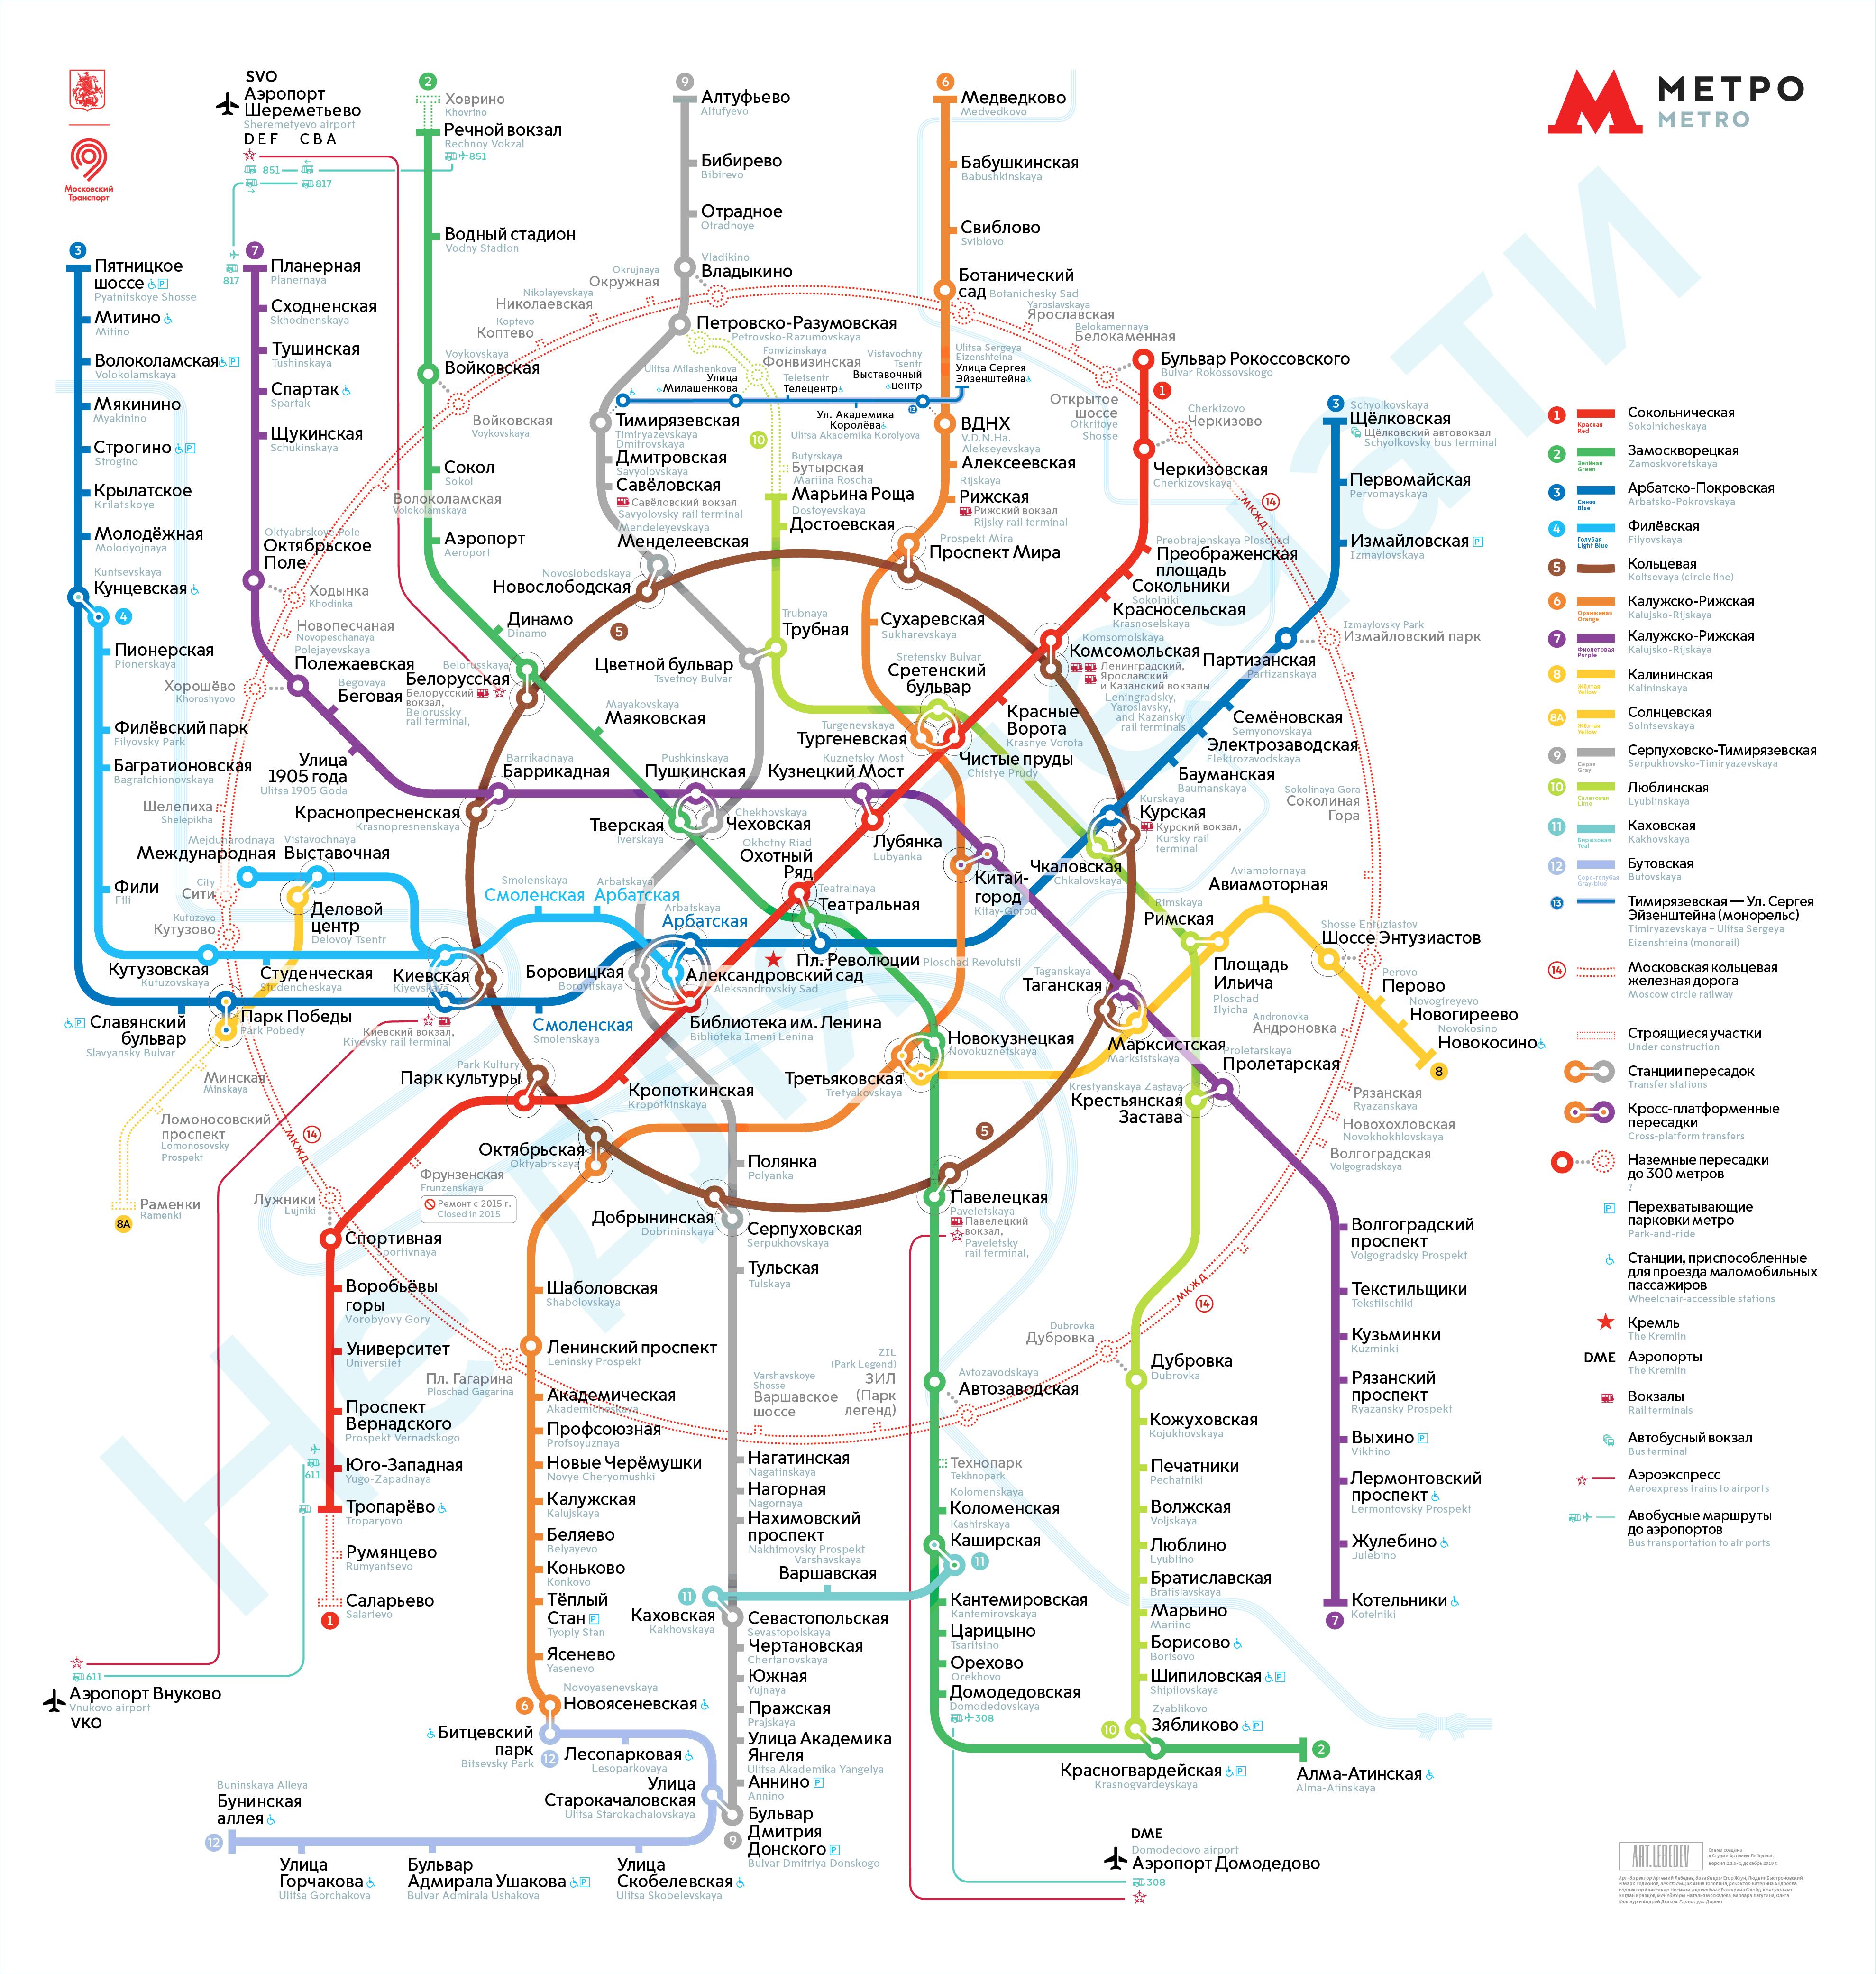 метро 2100 схема